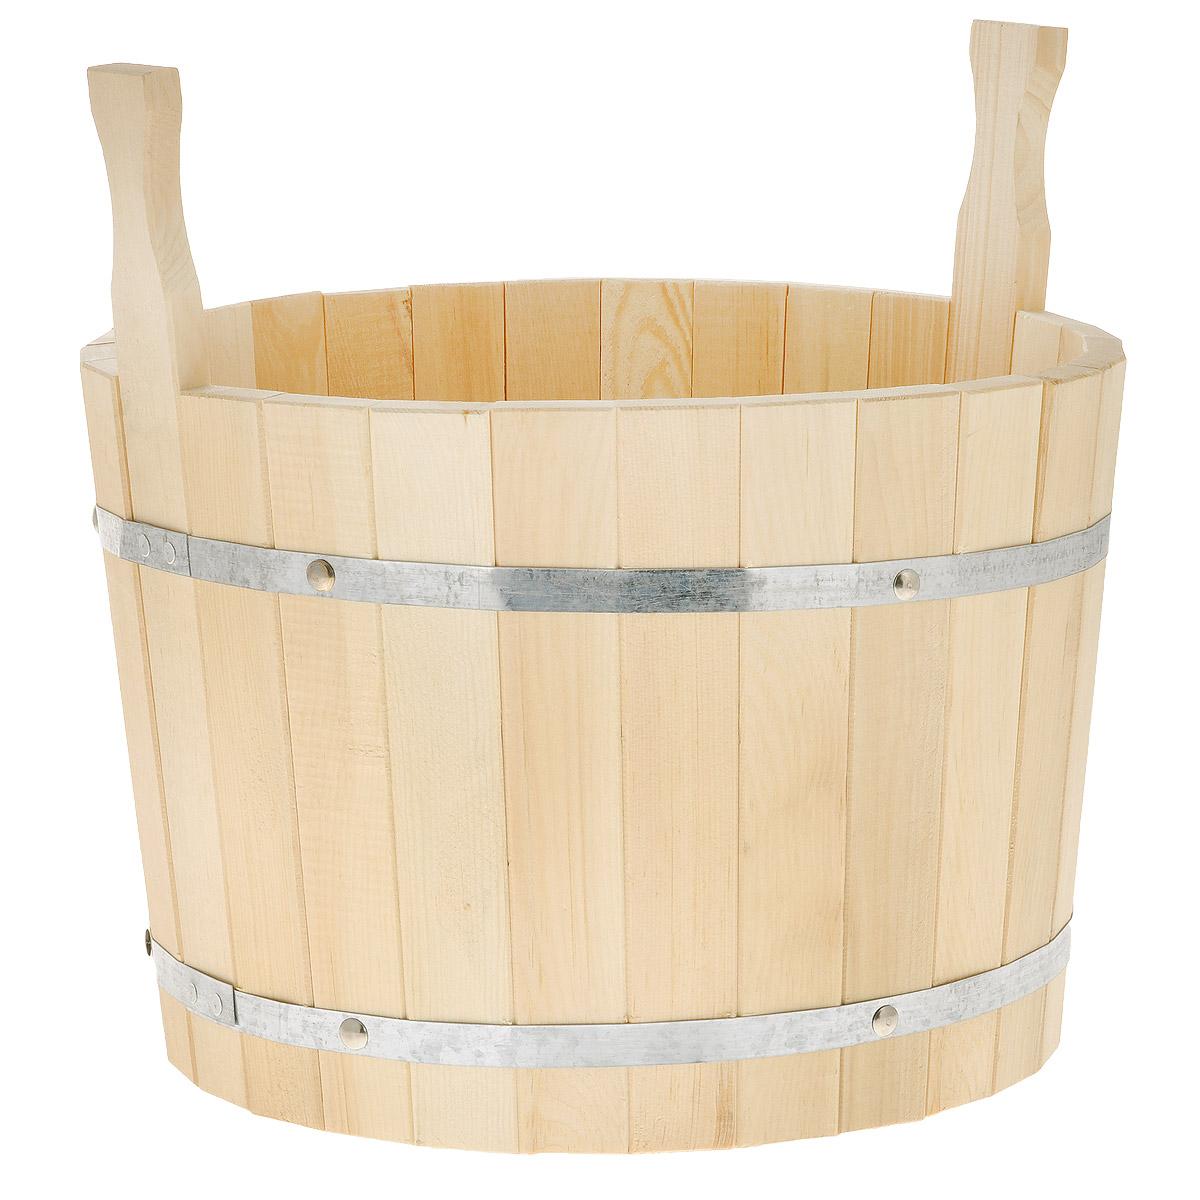 Шайка для бани Доктор Баня, 20 л8318Шайка круглой формы выполнена из брусков кедра, стянутых двумя металлическими обручами. Она прекрасно подойдет для замачивания веника или других банных процедур. Корпус шайки состоит из металлических обручей стянутых клепками. Для более удобного использования шайка имеет по бокам две небольшие ручки. Шайка является одной из тех приятных мелочей, без которых не обойтись при принятии банных процедур. Аксессуары для бани и сауны - это те приятные мелочи, которые приносят радость и создают комфорт. Интересная штука - баня. Место, где одинаково хорошо и в компании, и в одиночестве. Перекресток, казалось бы, разных направлений - общение и здоровье. Приятное и полезное. И всегда в позитиве. Характеристики: Материал: дерево (кедр), металл. Объем шайки: 20 л. Диаметр шайки по верхнему краю: 37 см. Высота шайки (без учета ручек): 26 см. Длина ручек: 11 см.